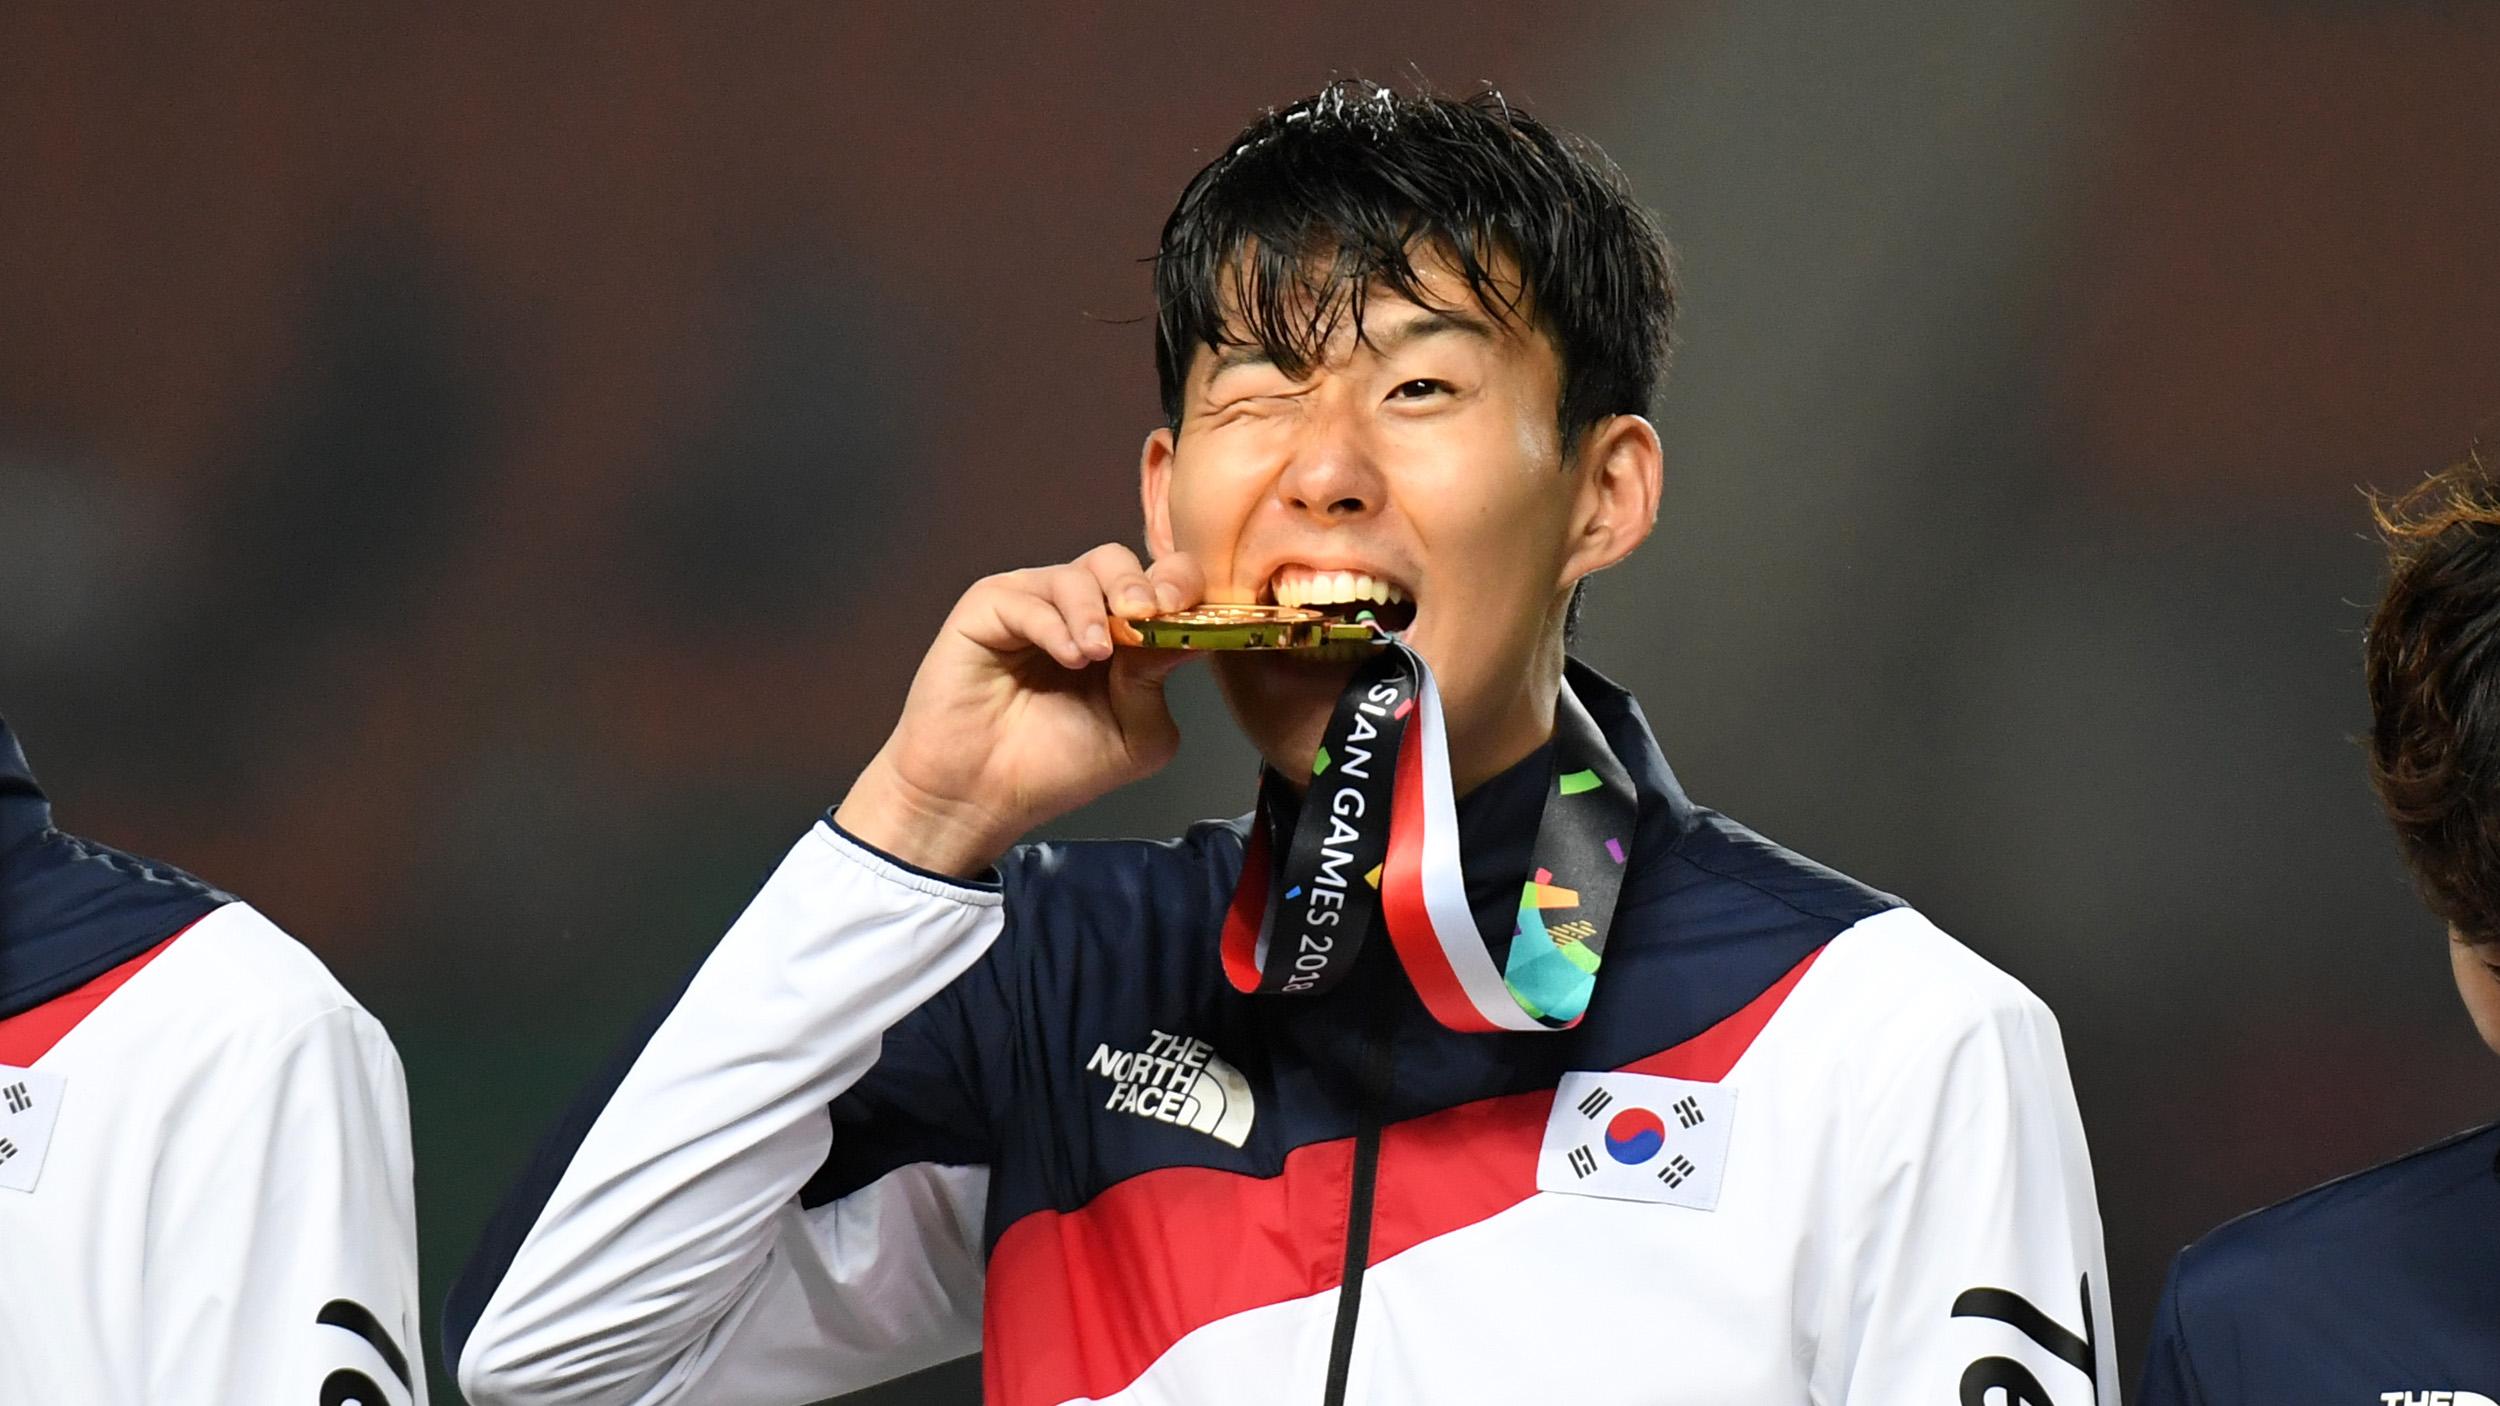 Image result for โปเช็ตติโน: ซน ฮึง มิน อยากได้เหรียญทอง แน่นอนว่าเขาอยากเลี่ยงเข้ารับการฝึก